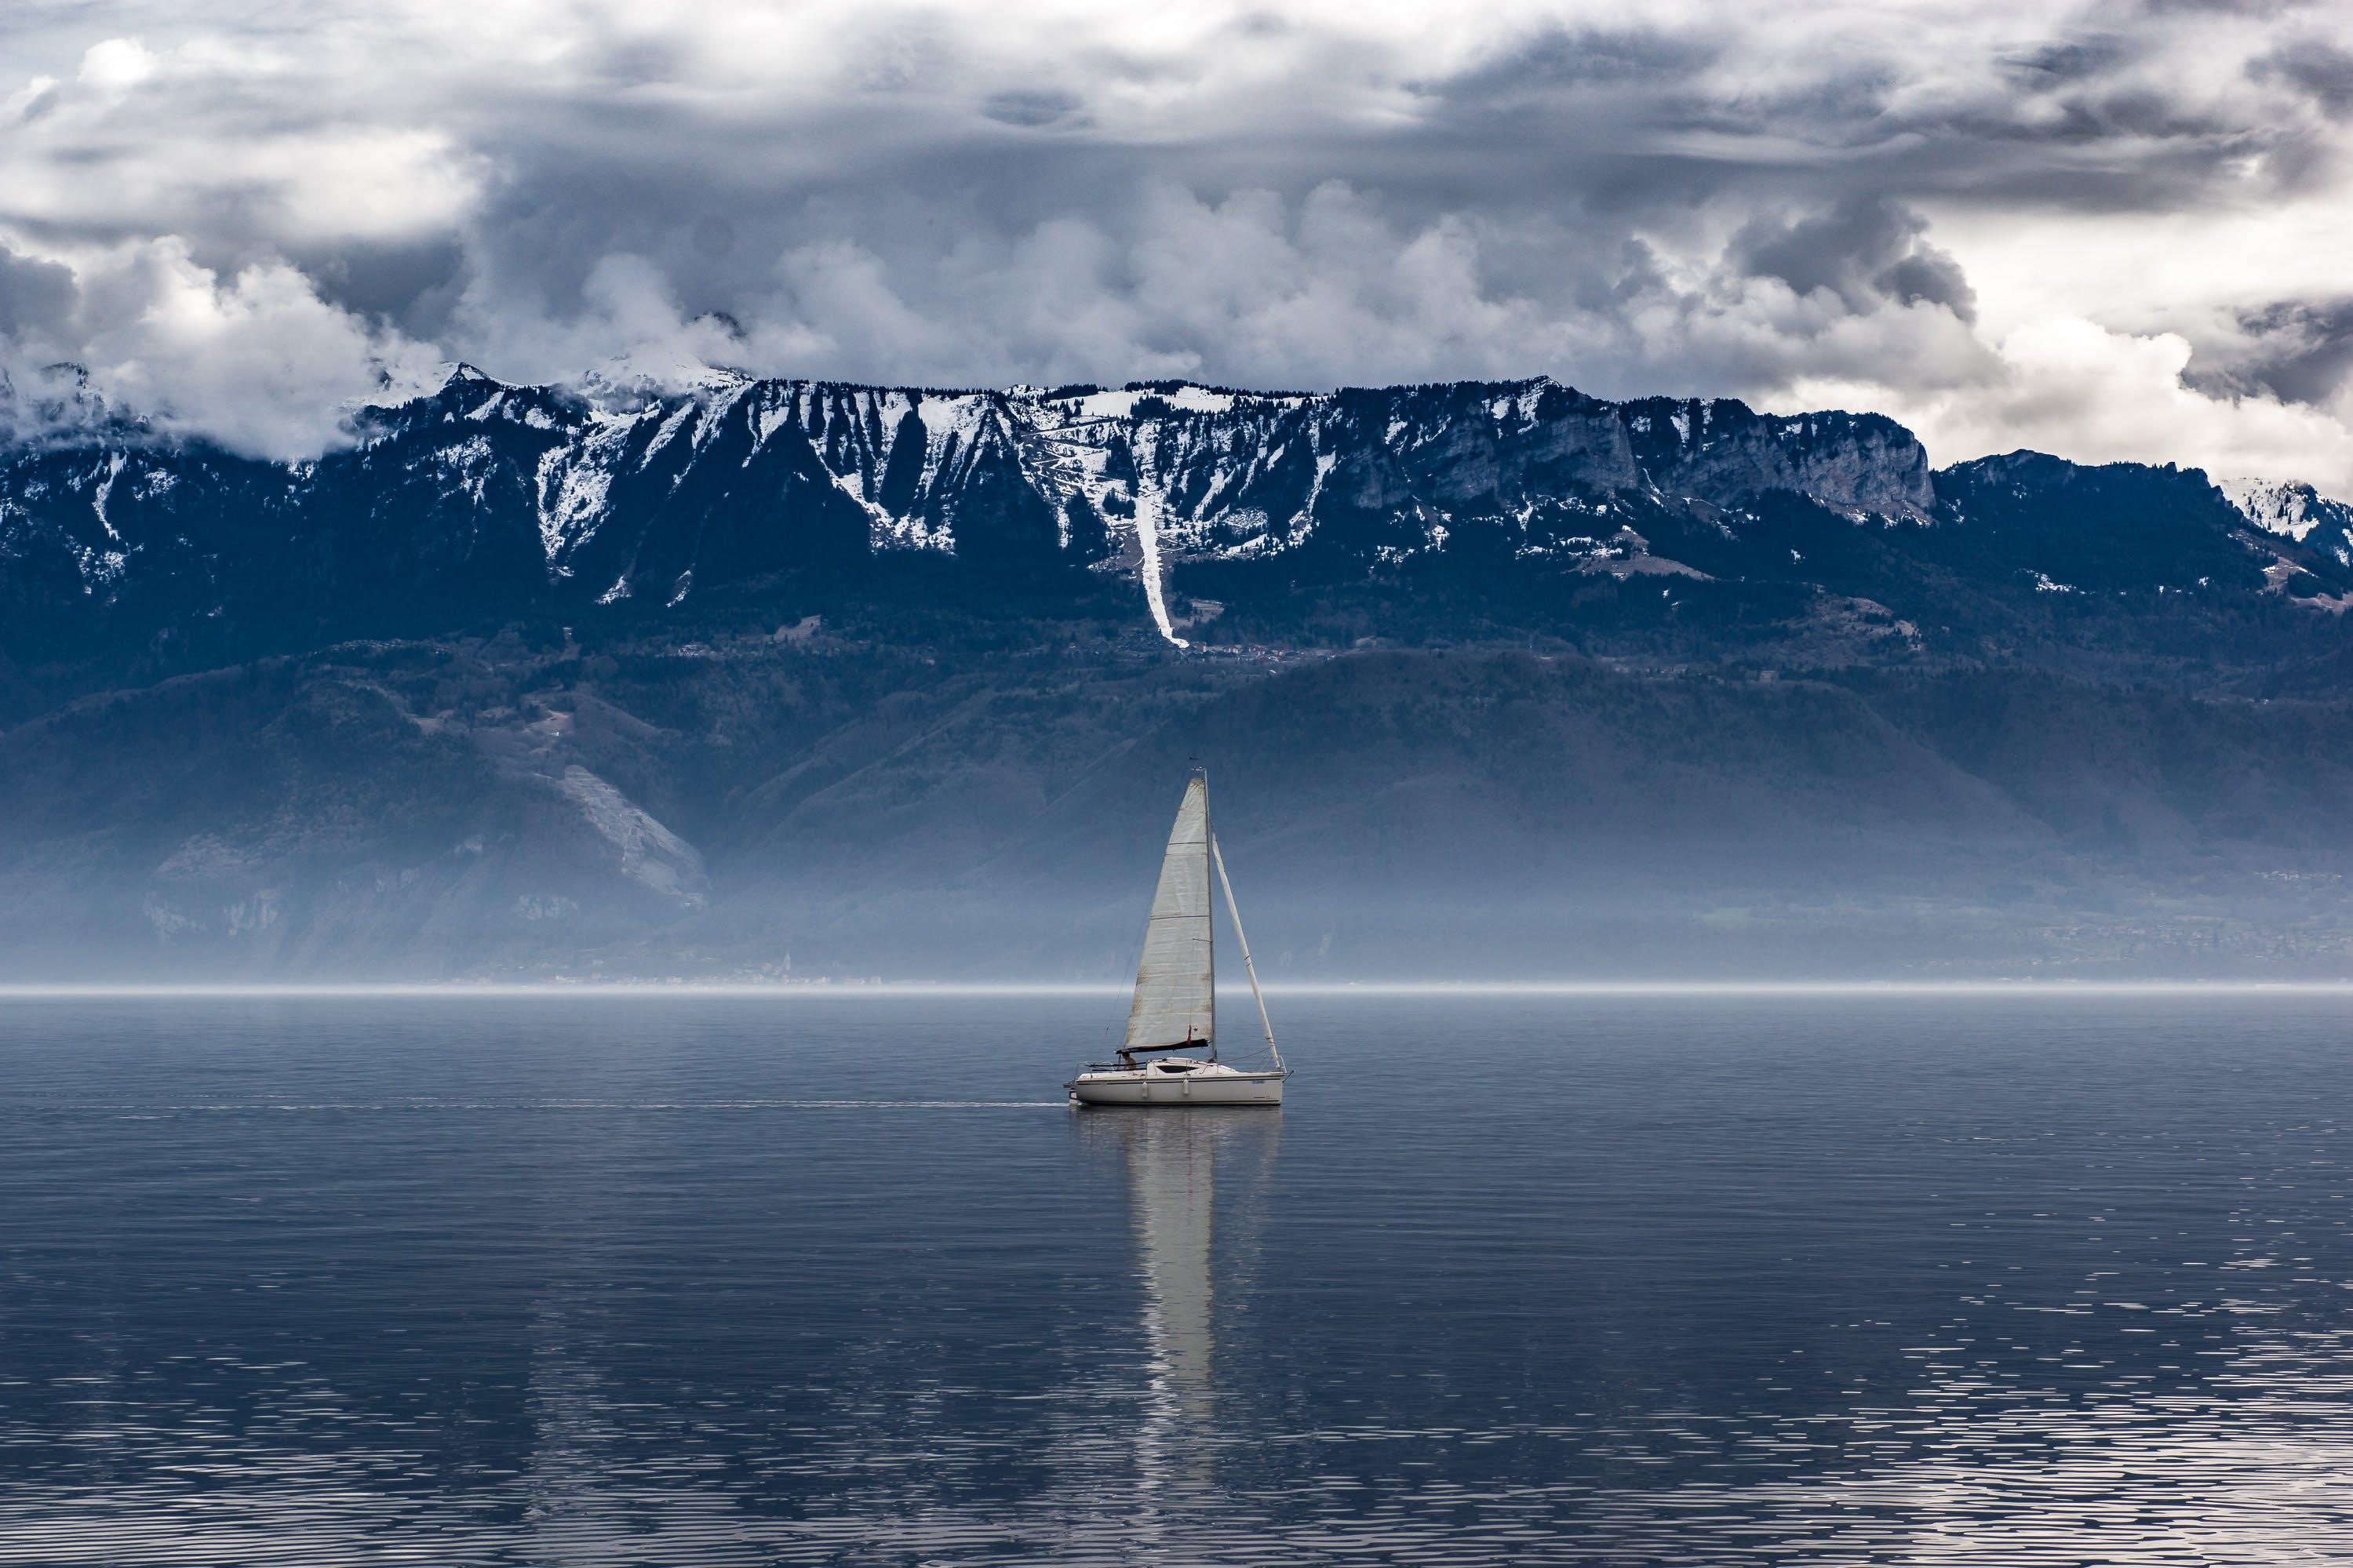 Gratis arkivbilde med båt, fartøy, hav, landskap